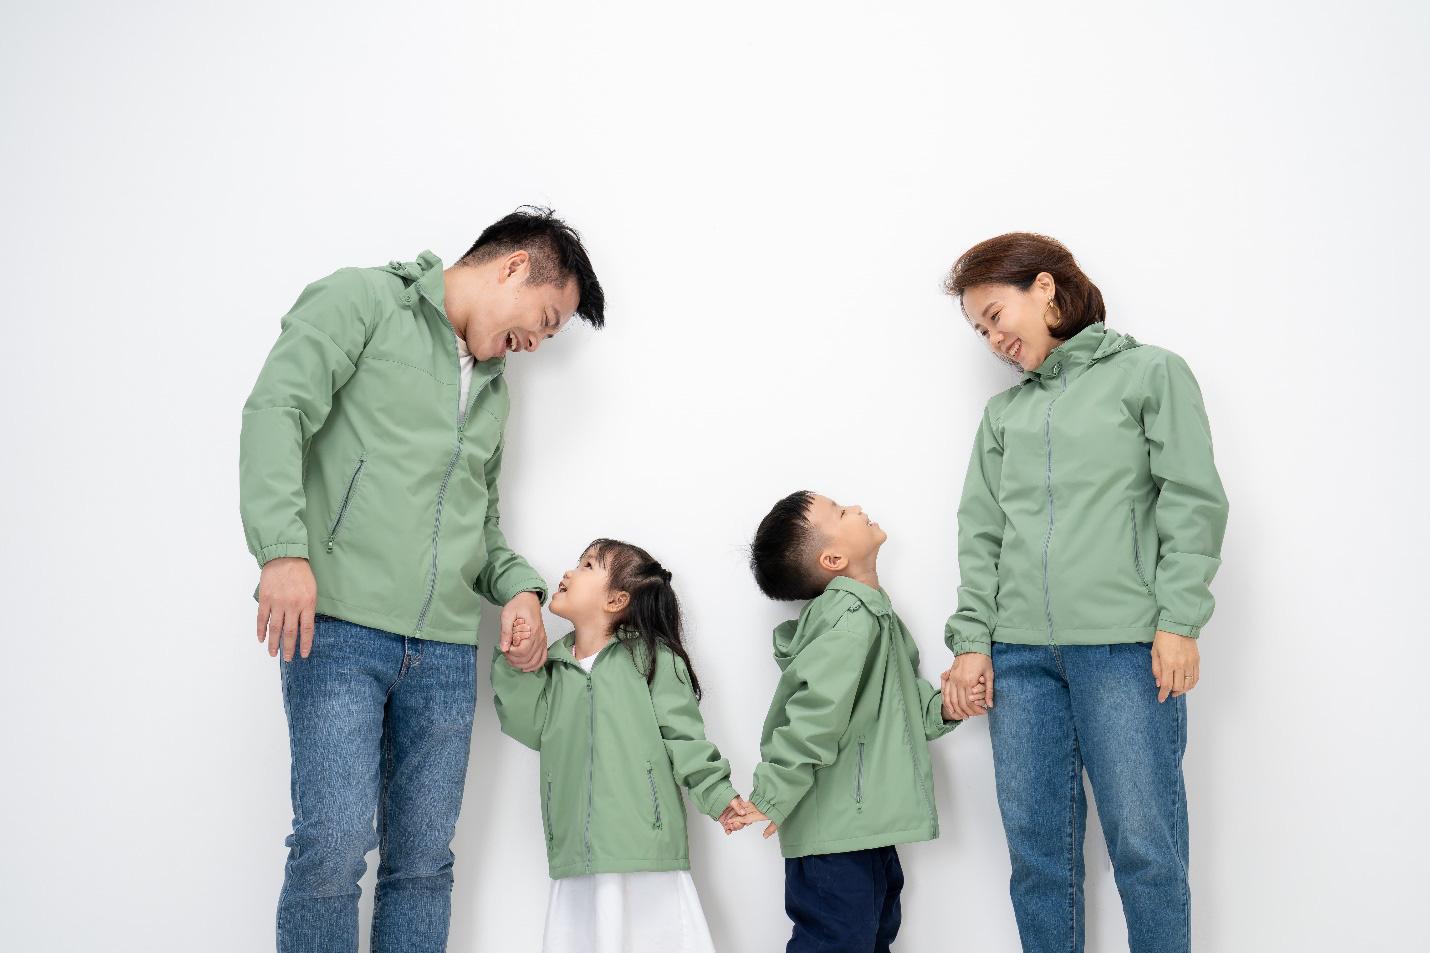 CEO Yody cùng vợ trẻ và 4 con làm đại sứ thương hiệu cho dòng sản phẩm mới - Ảnh 2.